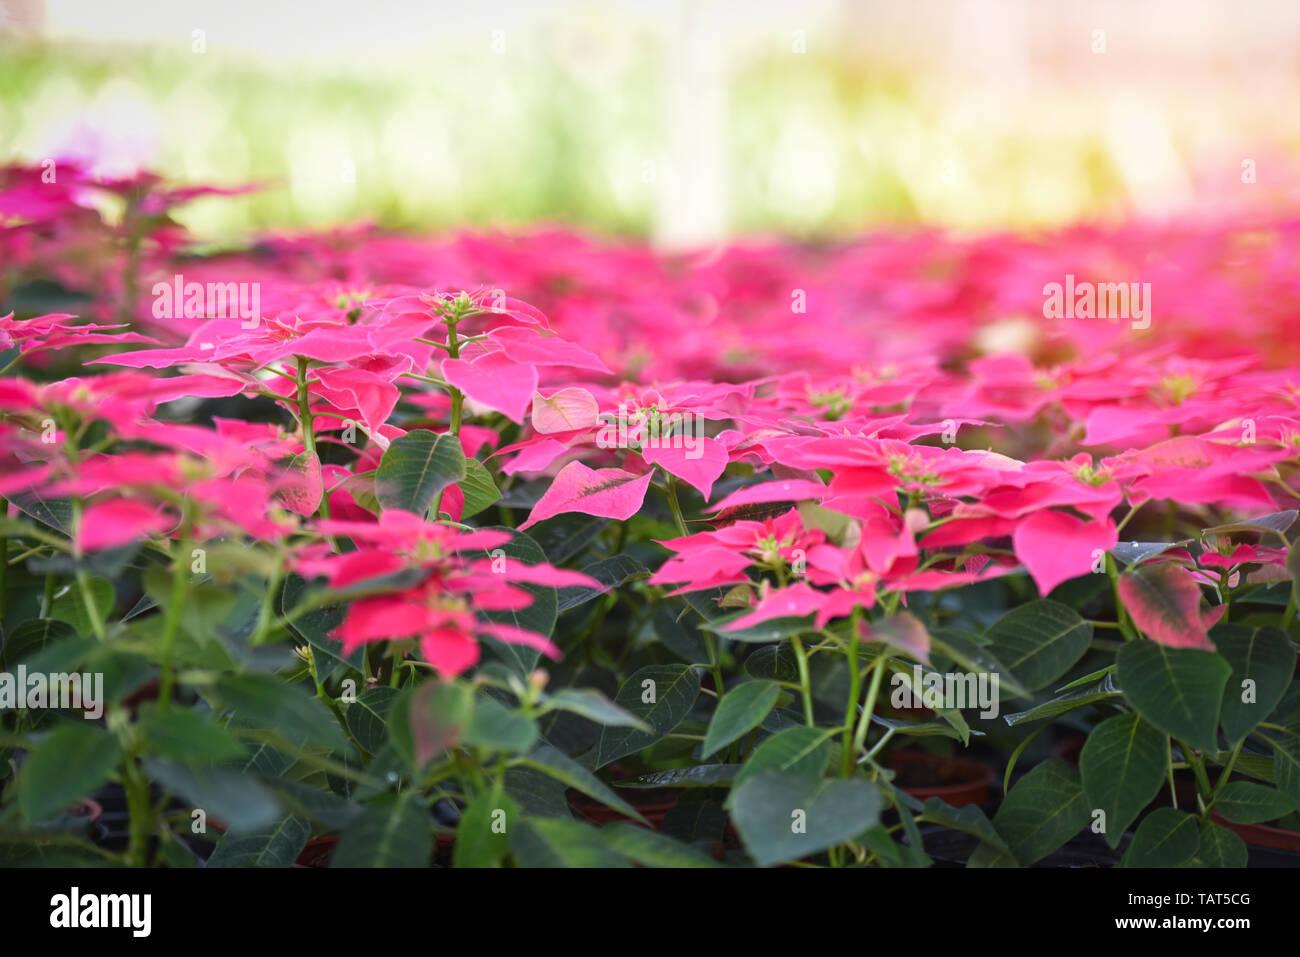 Etoile De Noel Plante Exterieur poinsettia fleurs rose qui fleurit dans le jardin - les